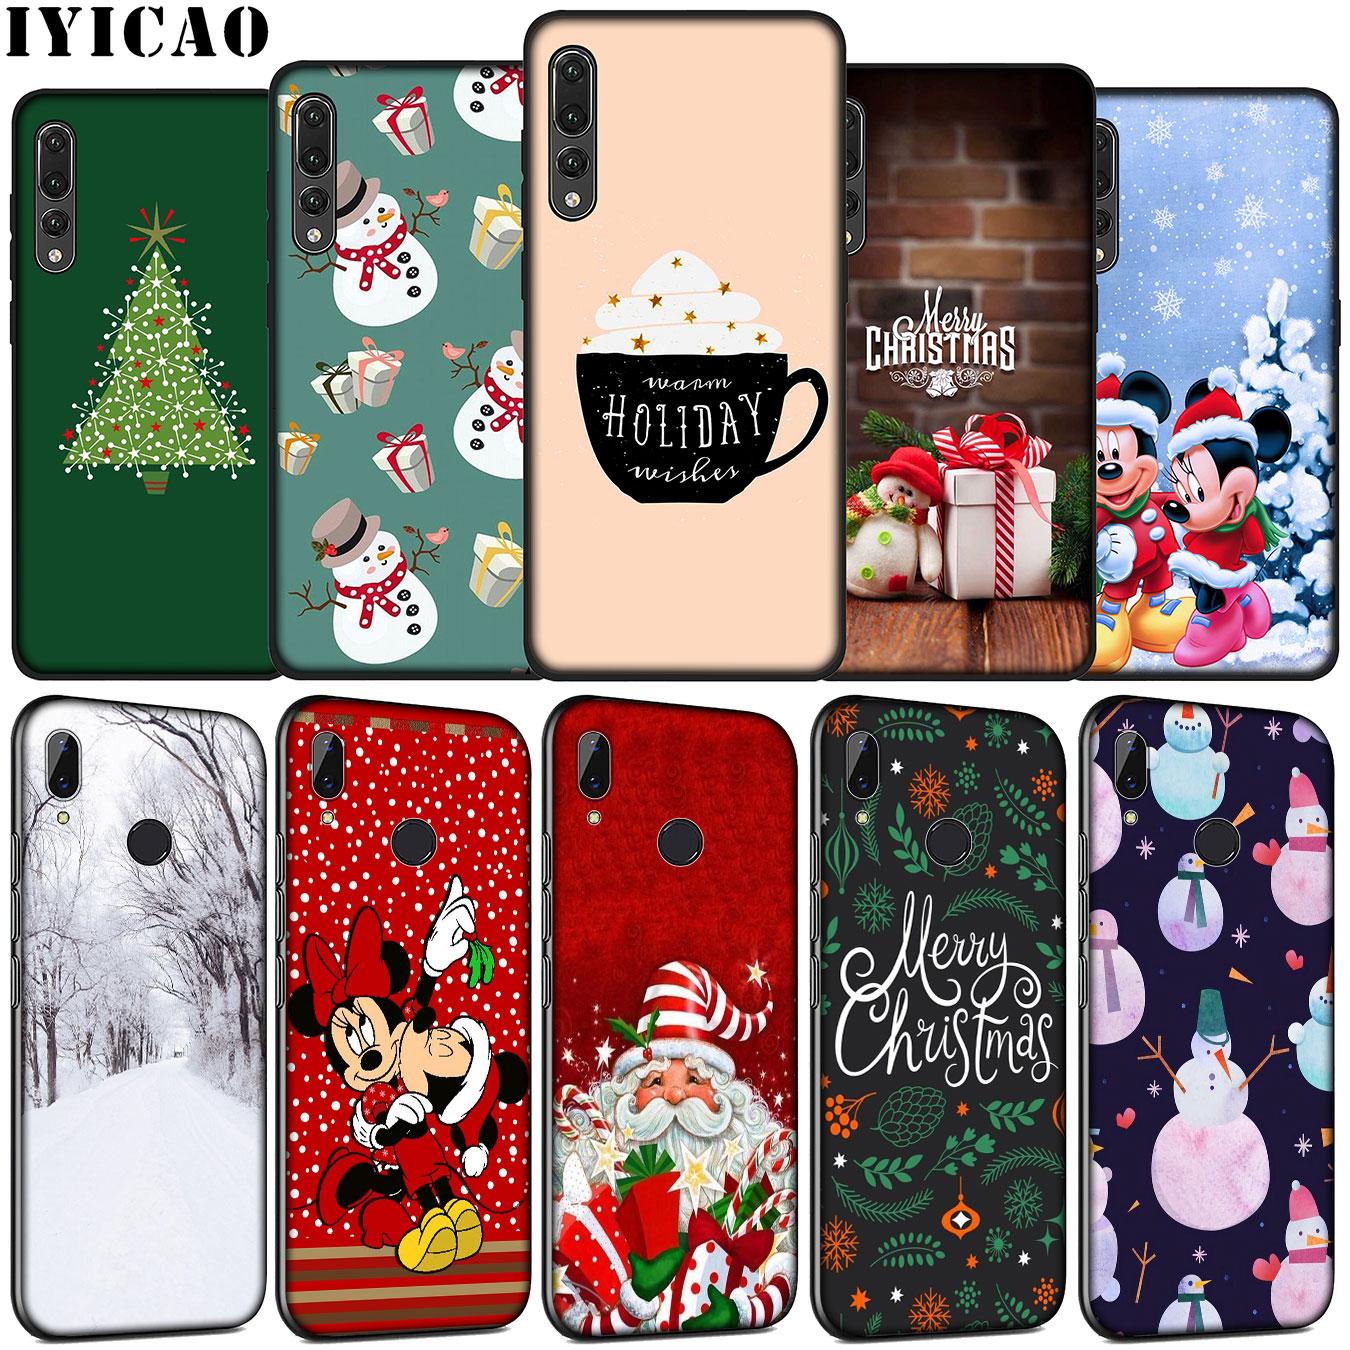 IYICAO Feliz Navidad muñeco de nieve de silicona suave funda del teléfono para Huawei P30 P20 Pro P10 P9 Lite 2017 Mini 2016 cubierta P Smart Z 2019